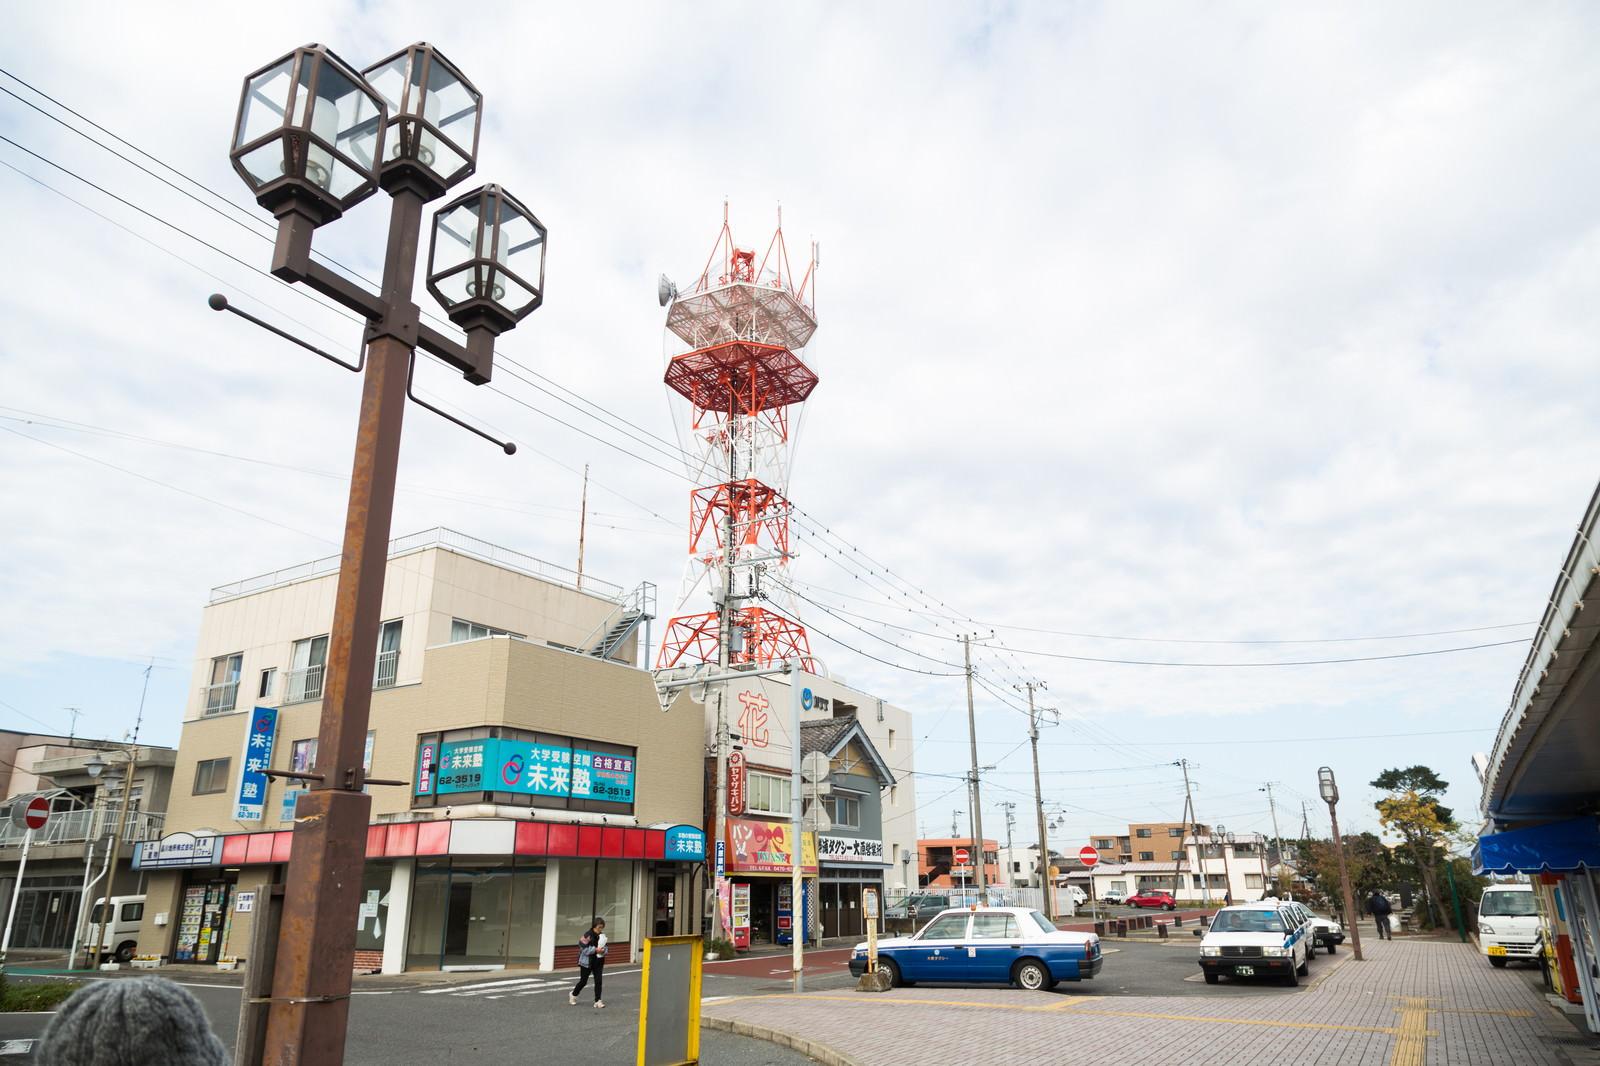 「千葉県いすみ市大原駅前」の写真